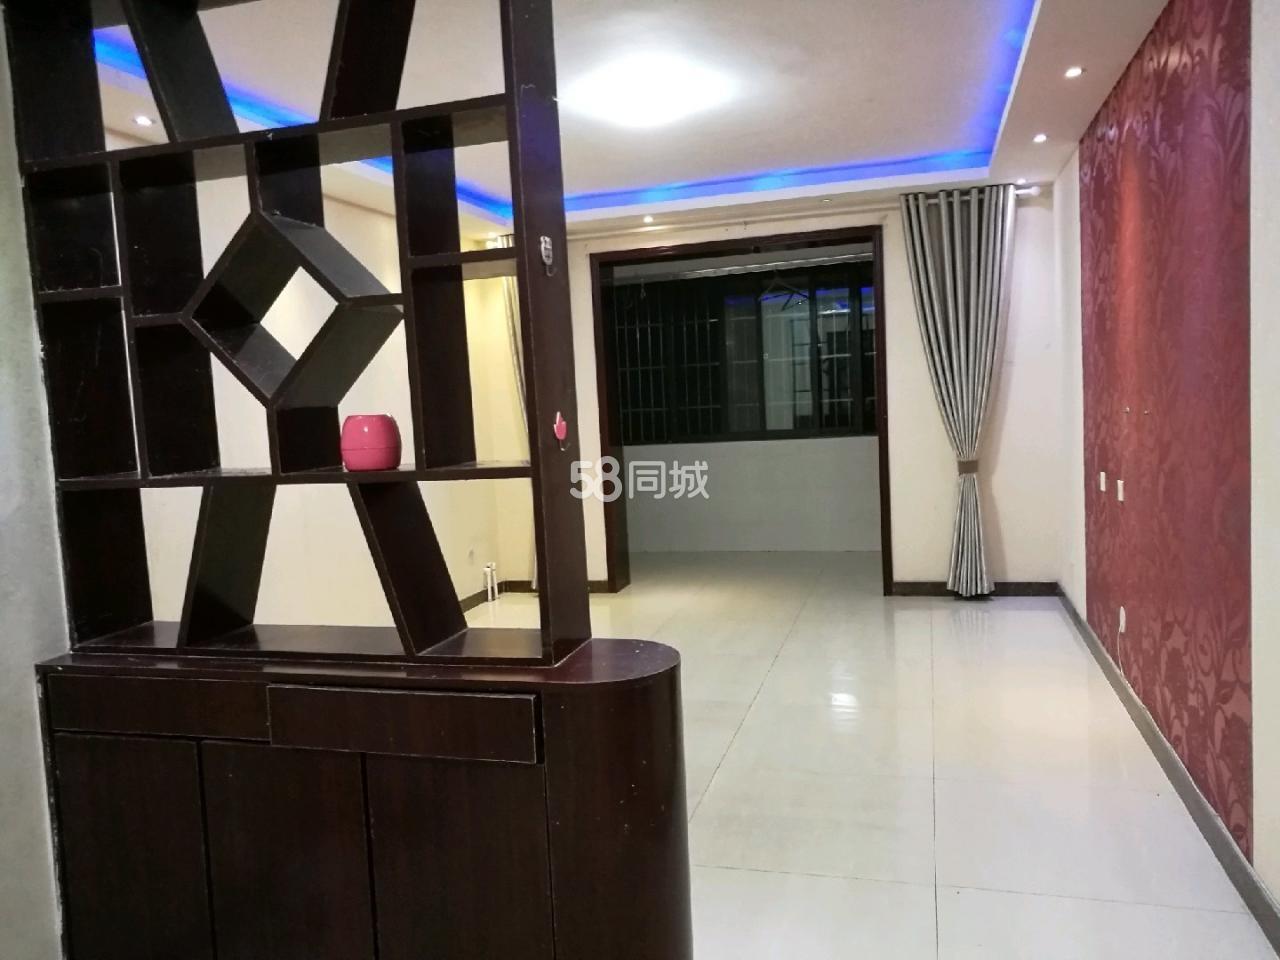 蓝天商务花园(蓝天商务花园)2室 2厅 1卫110万元